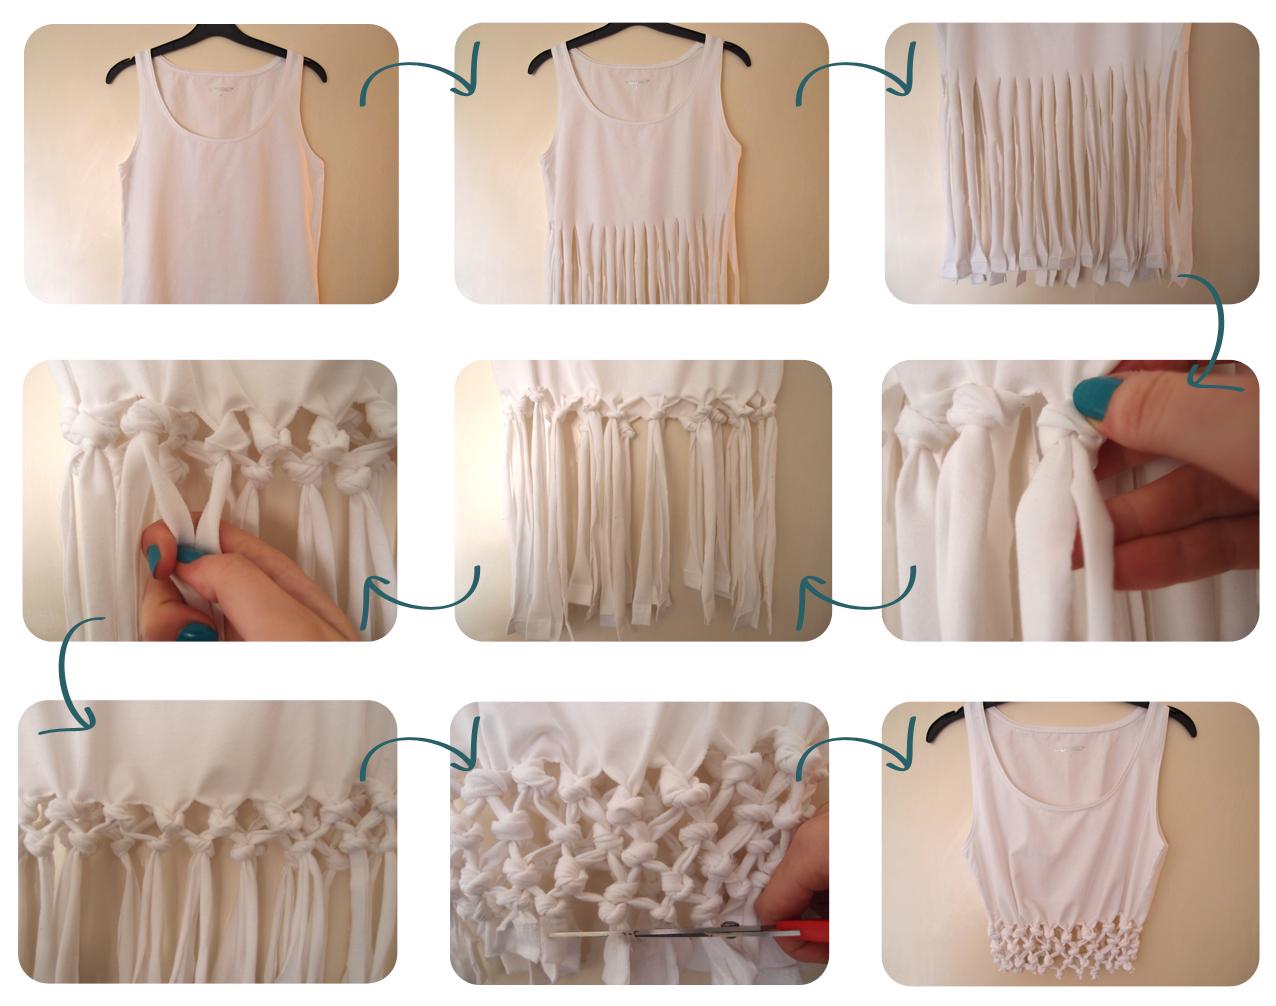 Diy cutting shirts | Trusper